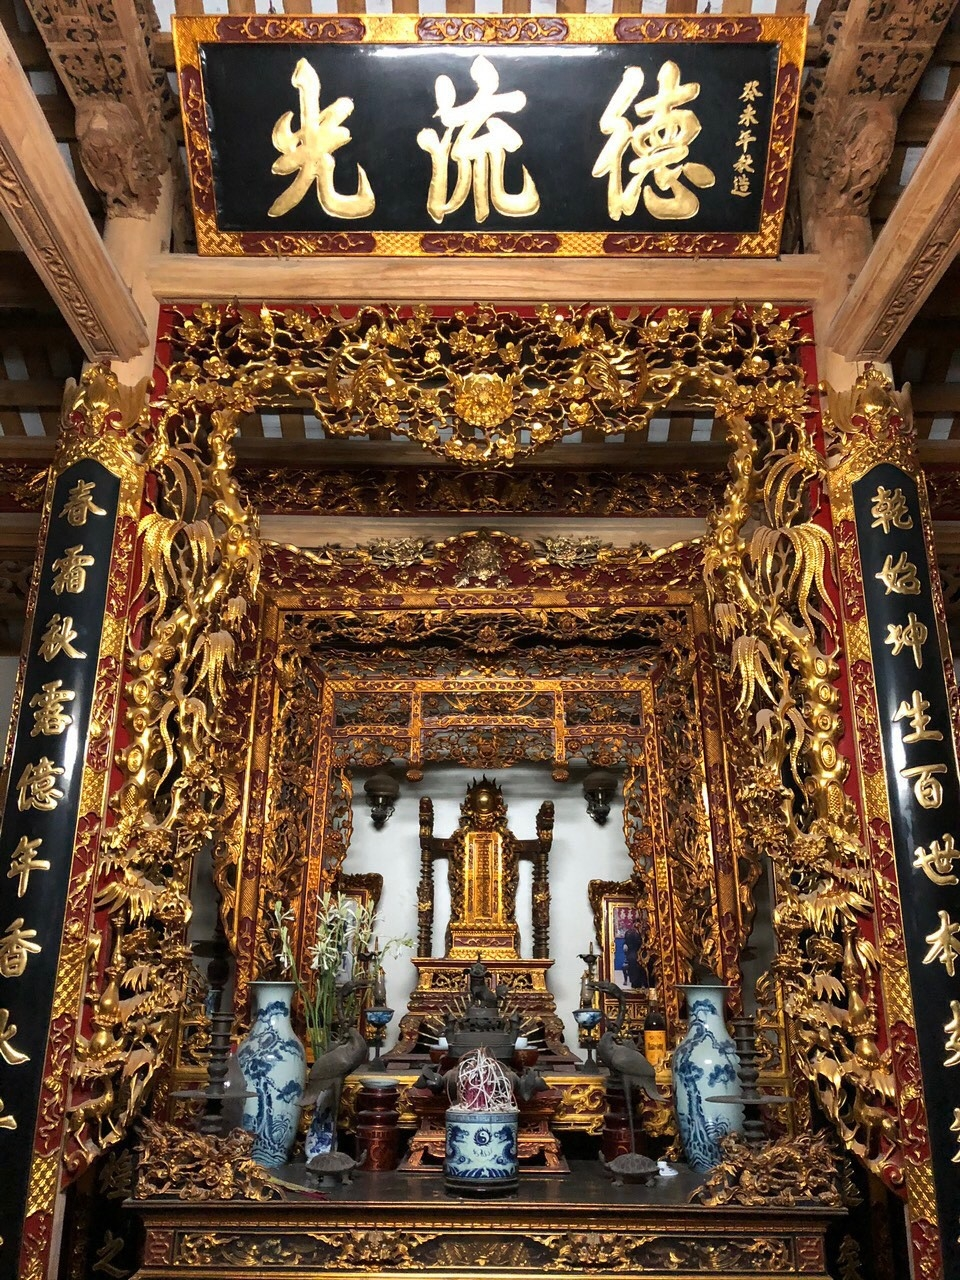 Sản phẩm Ban thờ của HKD Hoàng Doãn Hòa ở thôn Yên Quán (xã Tân Phú) đạt chứng nhận sản phẩm OCOP 4 sao.